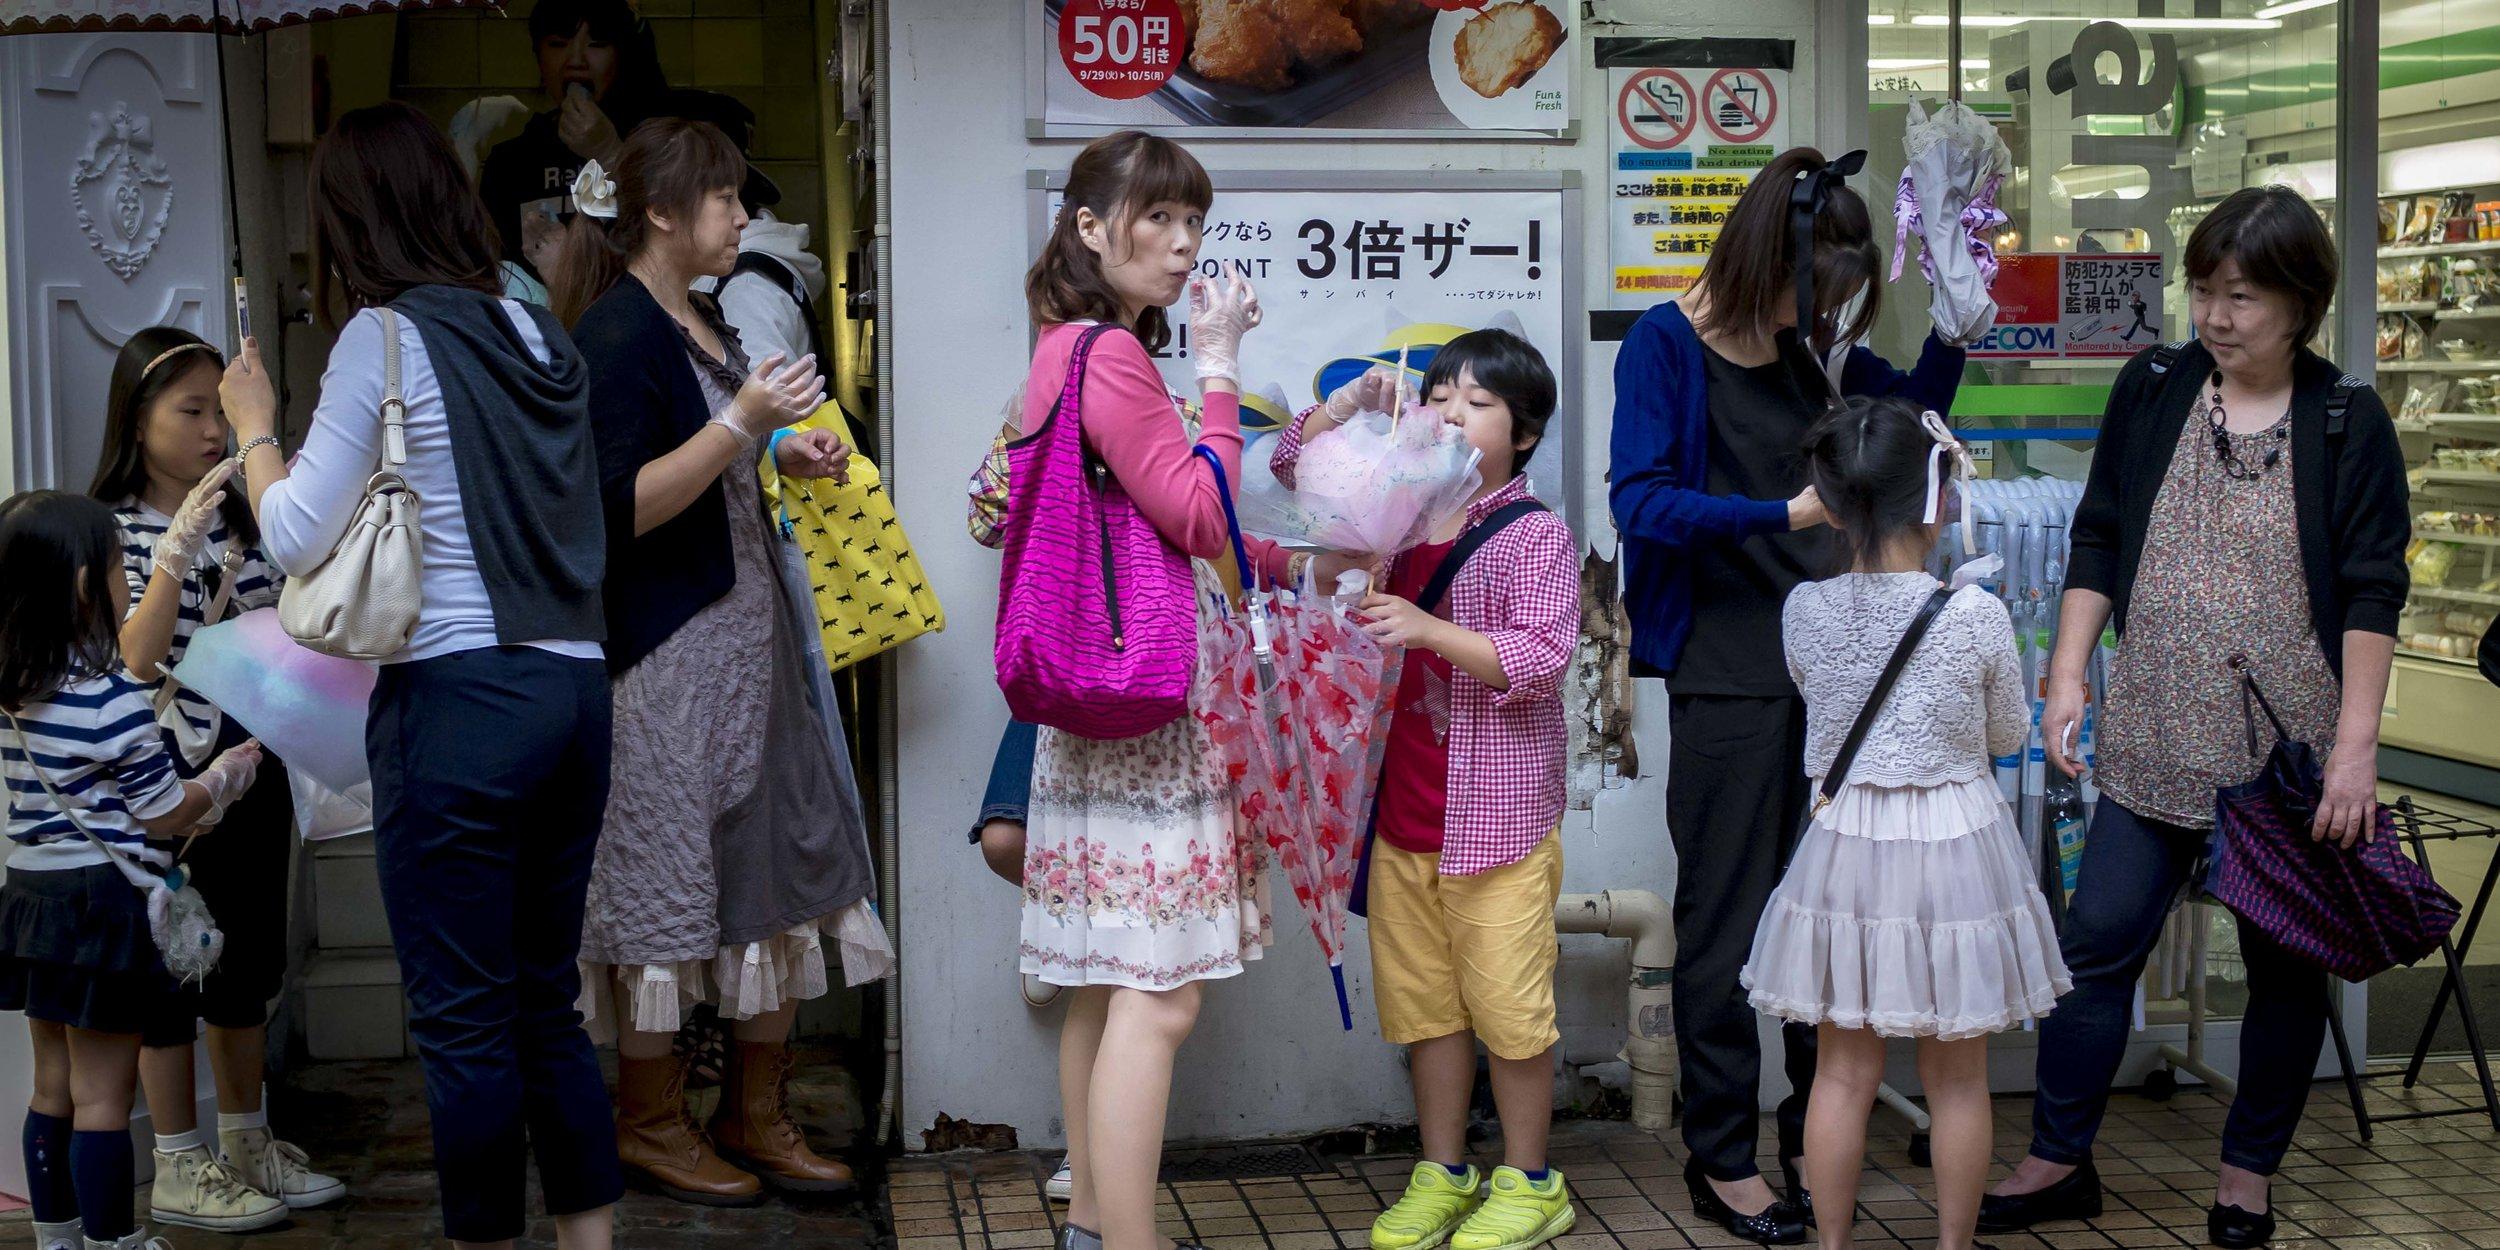 tokyo summer 2-010366-2.jpg